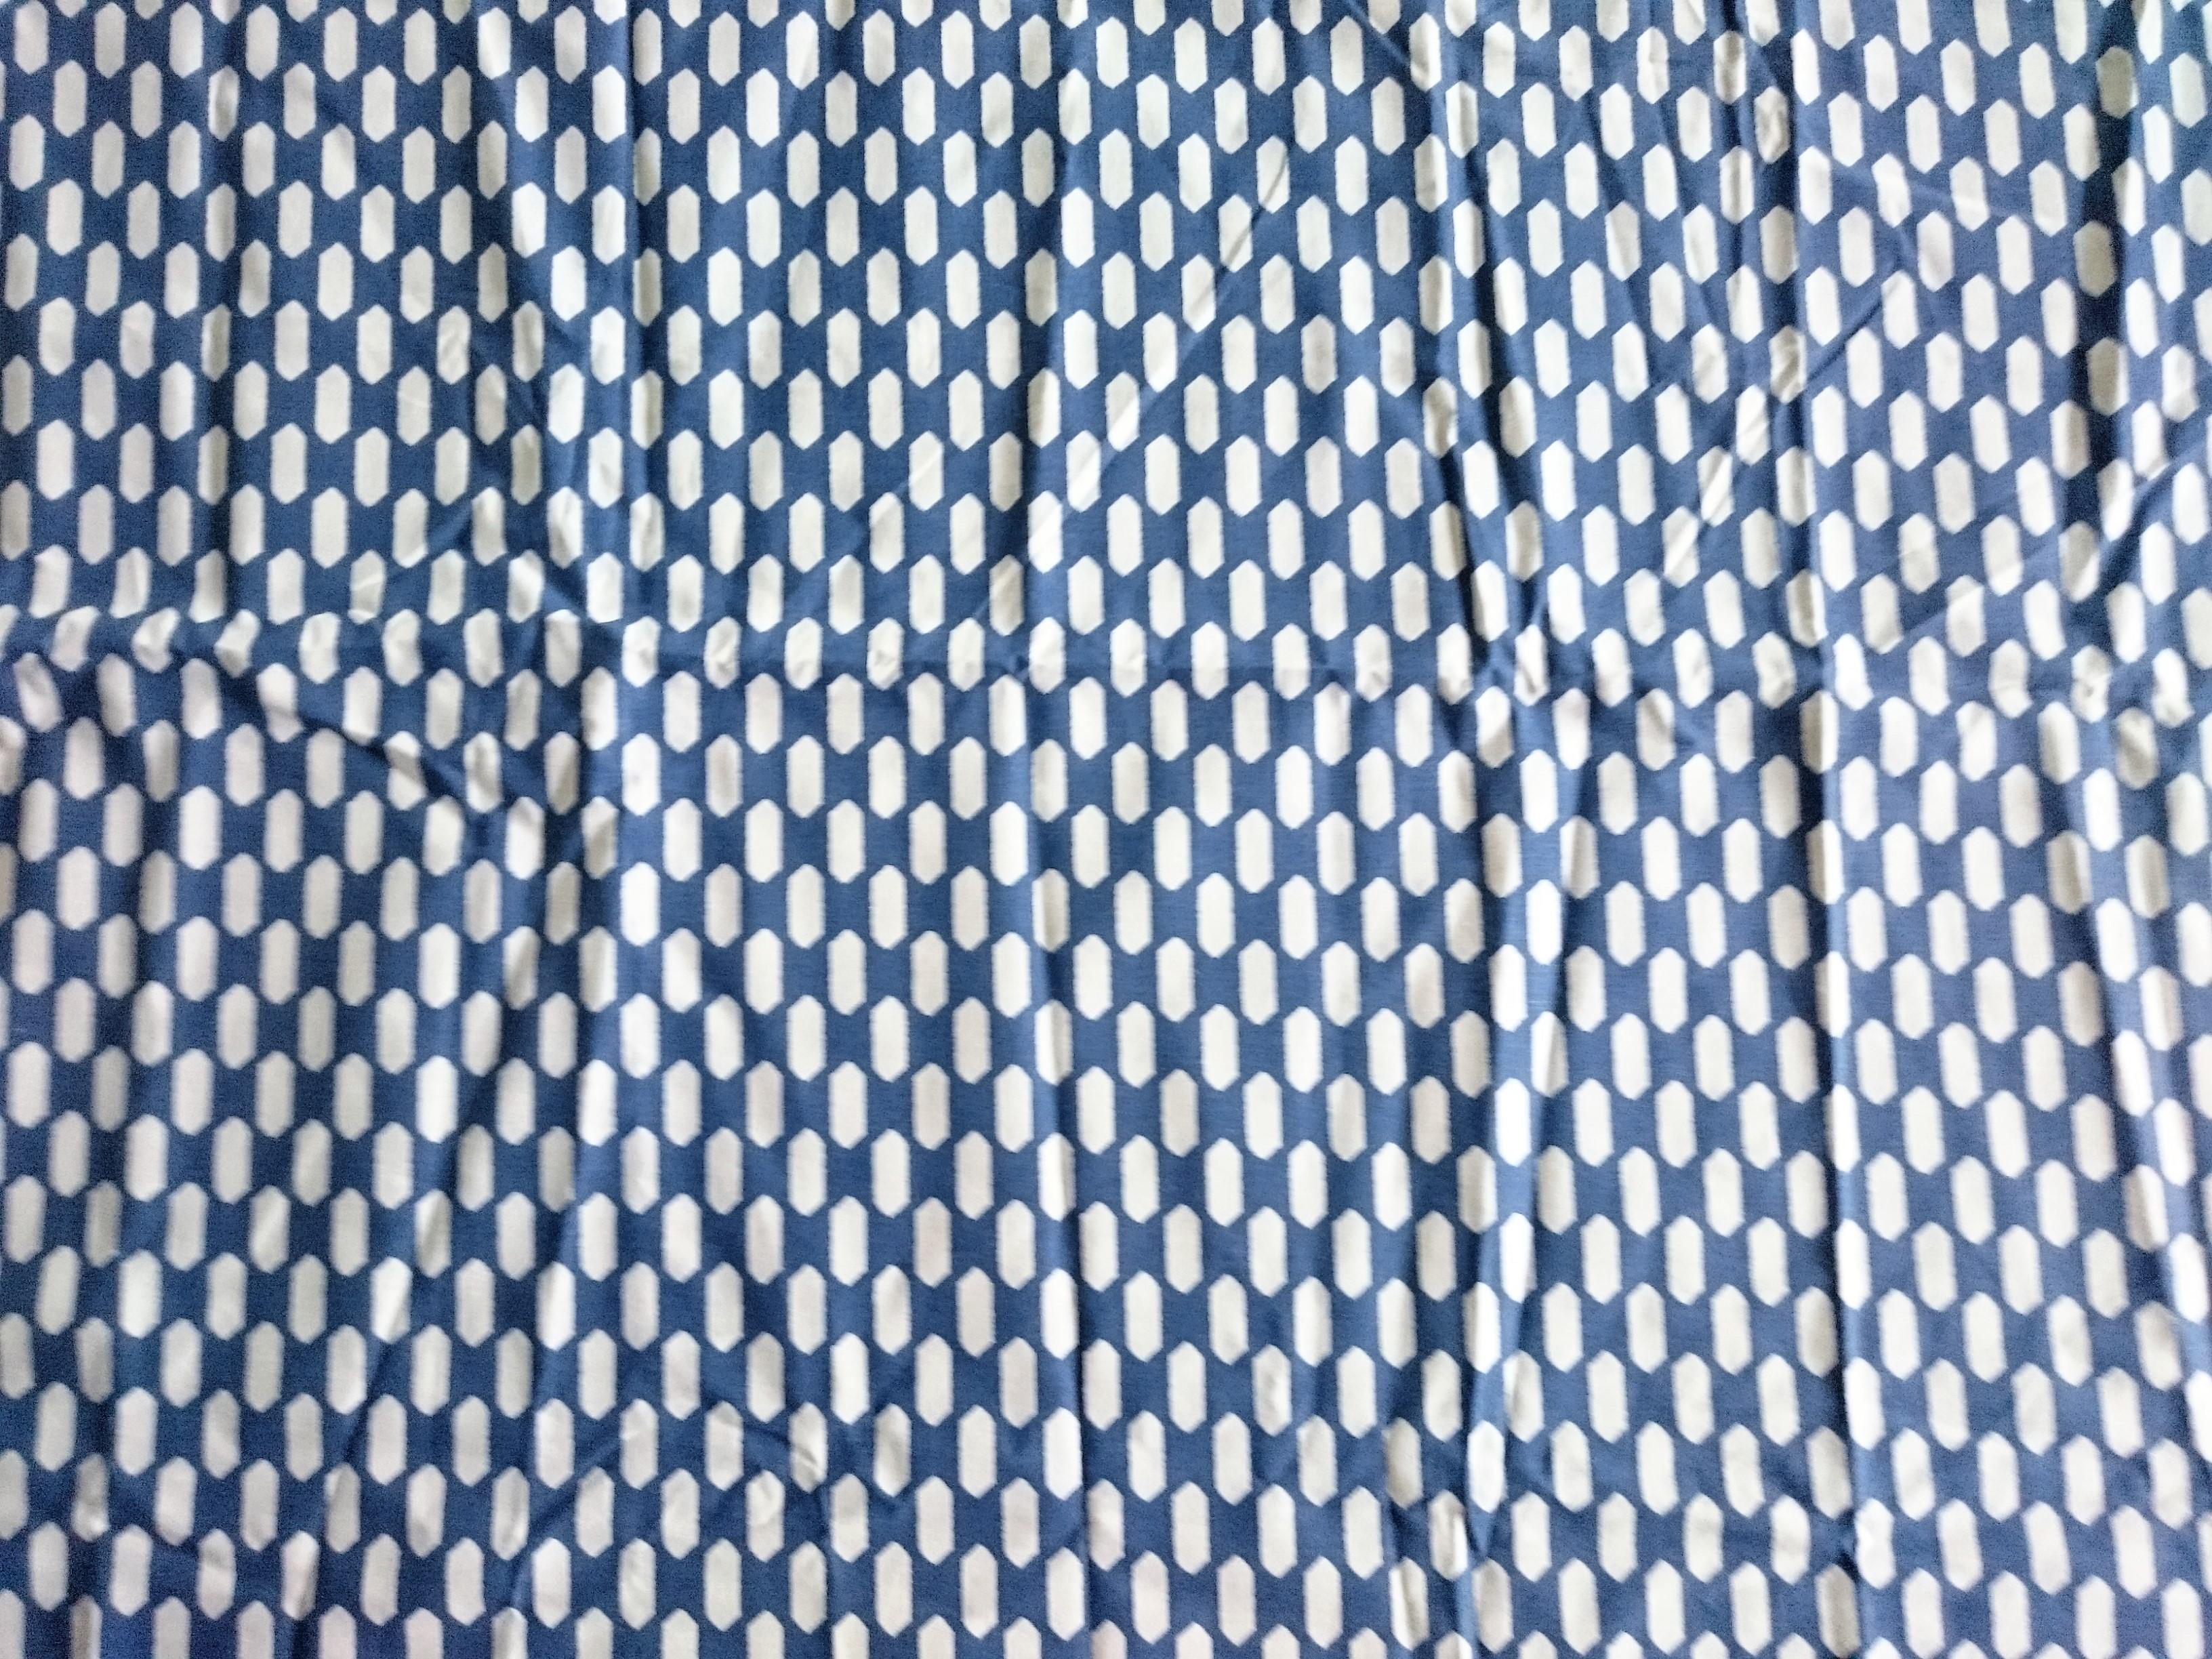 [廃盤] テキスタイル / anno / Blue Hexagon コットン(1m)